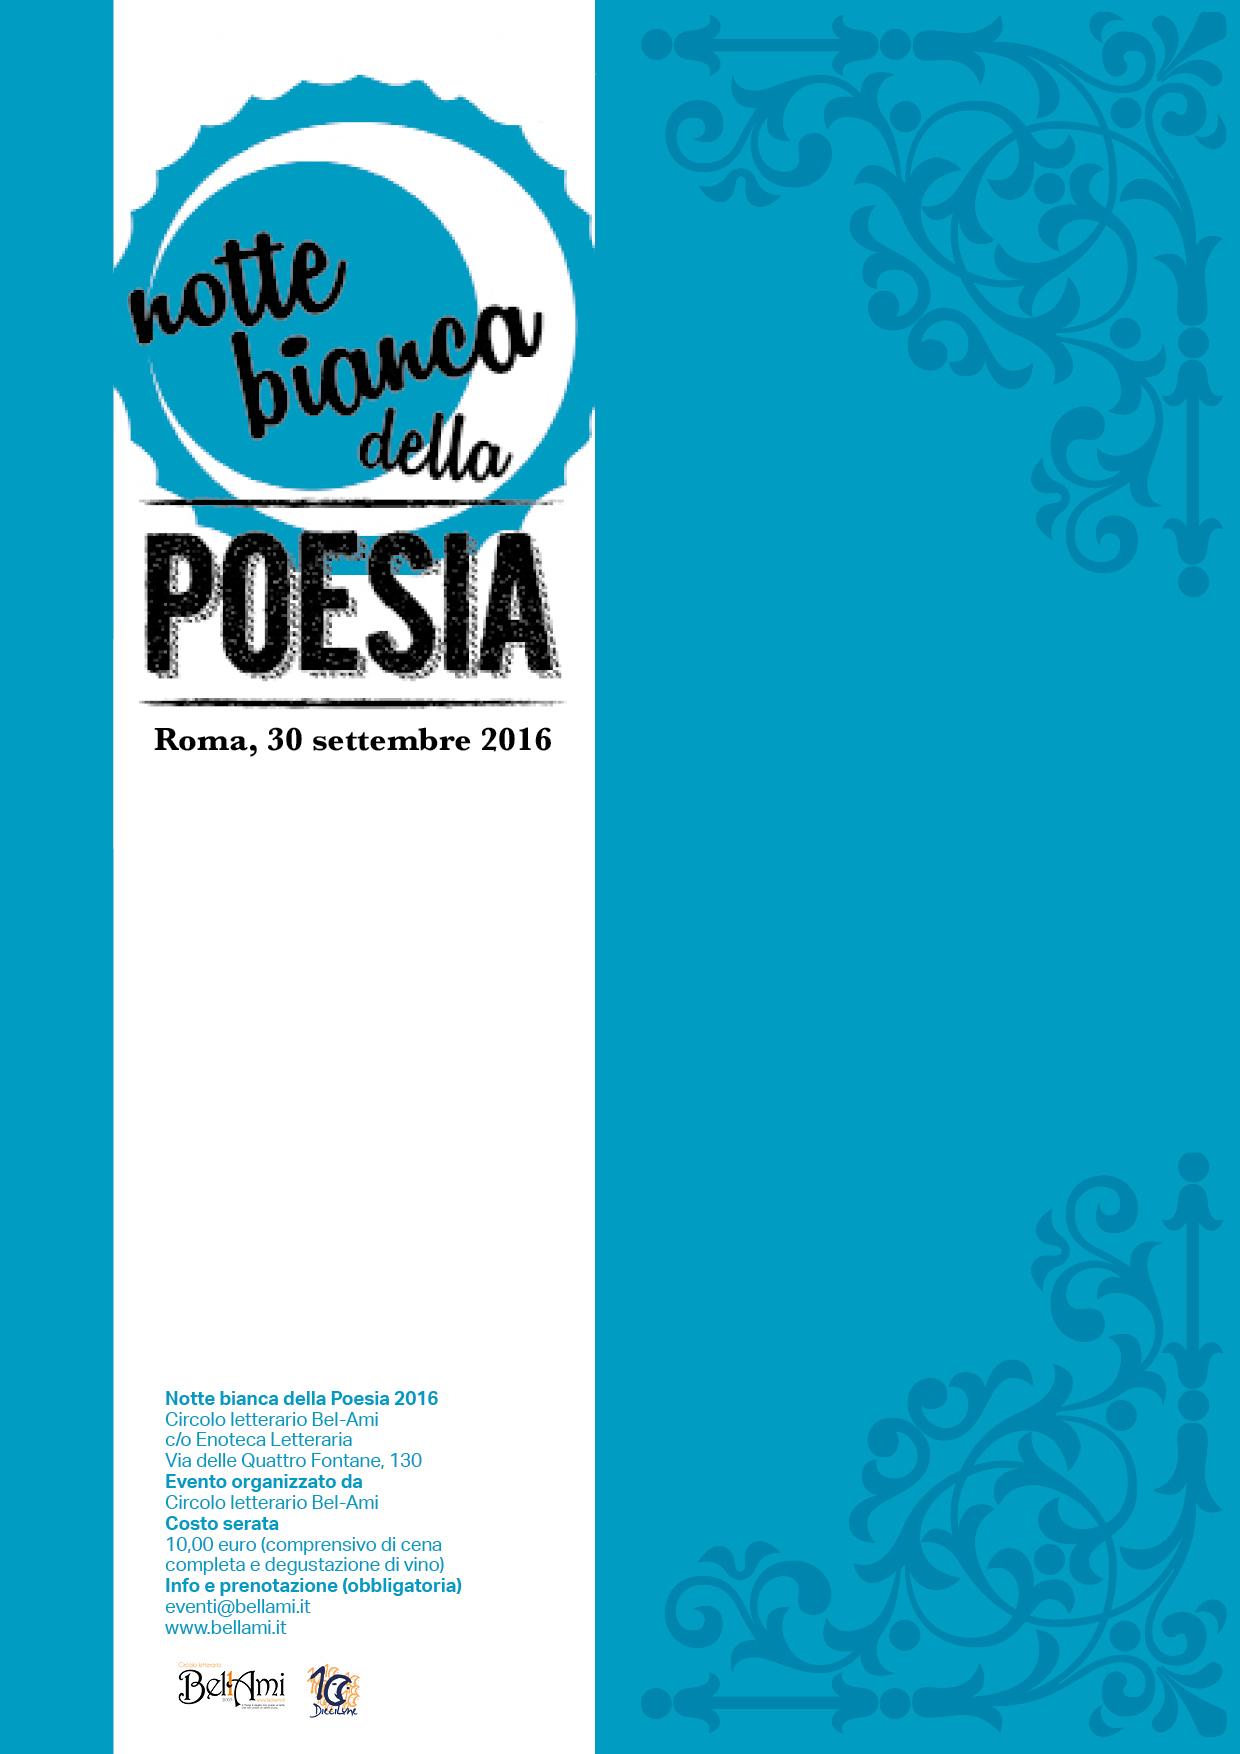 Circolo letterario bel ami concorsi letterari serate a for Notte bianca udine 2016